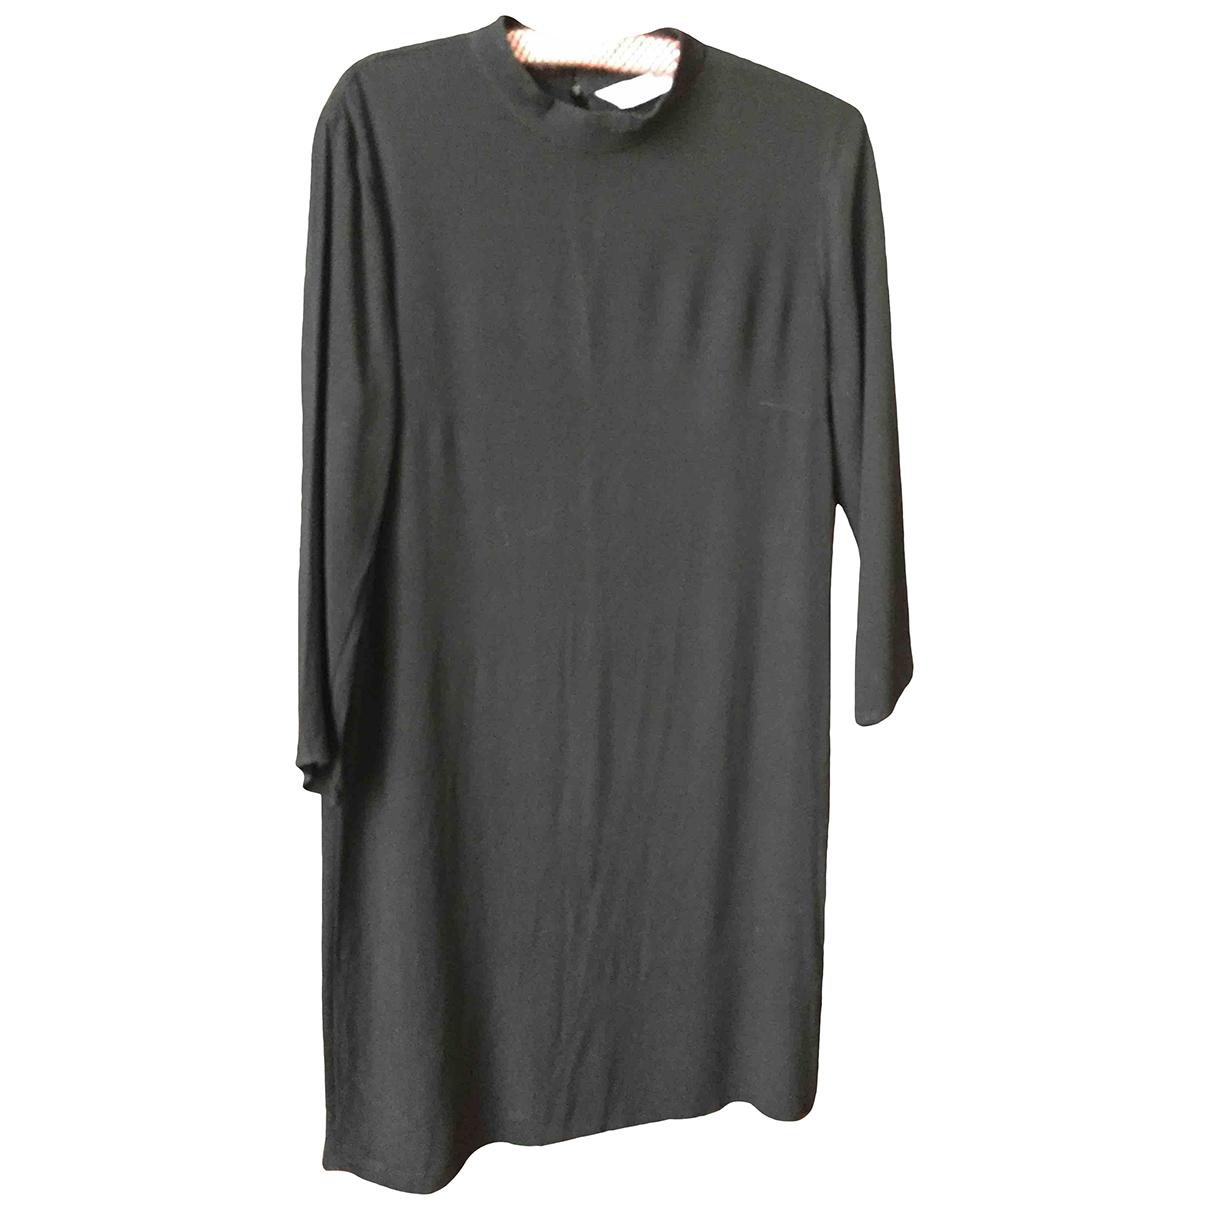 & Stories \N Black dress for Women 36 FR